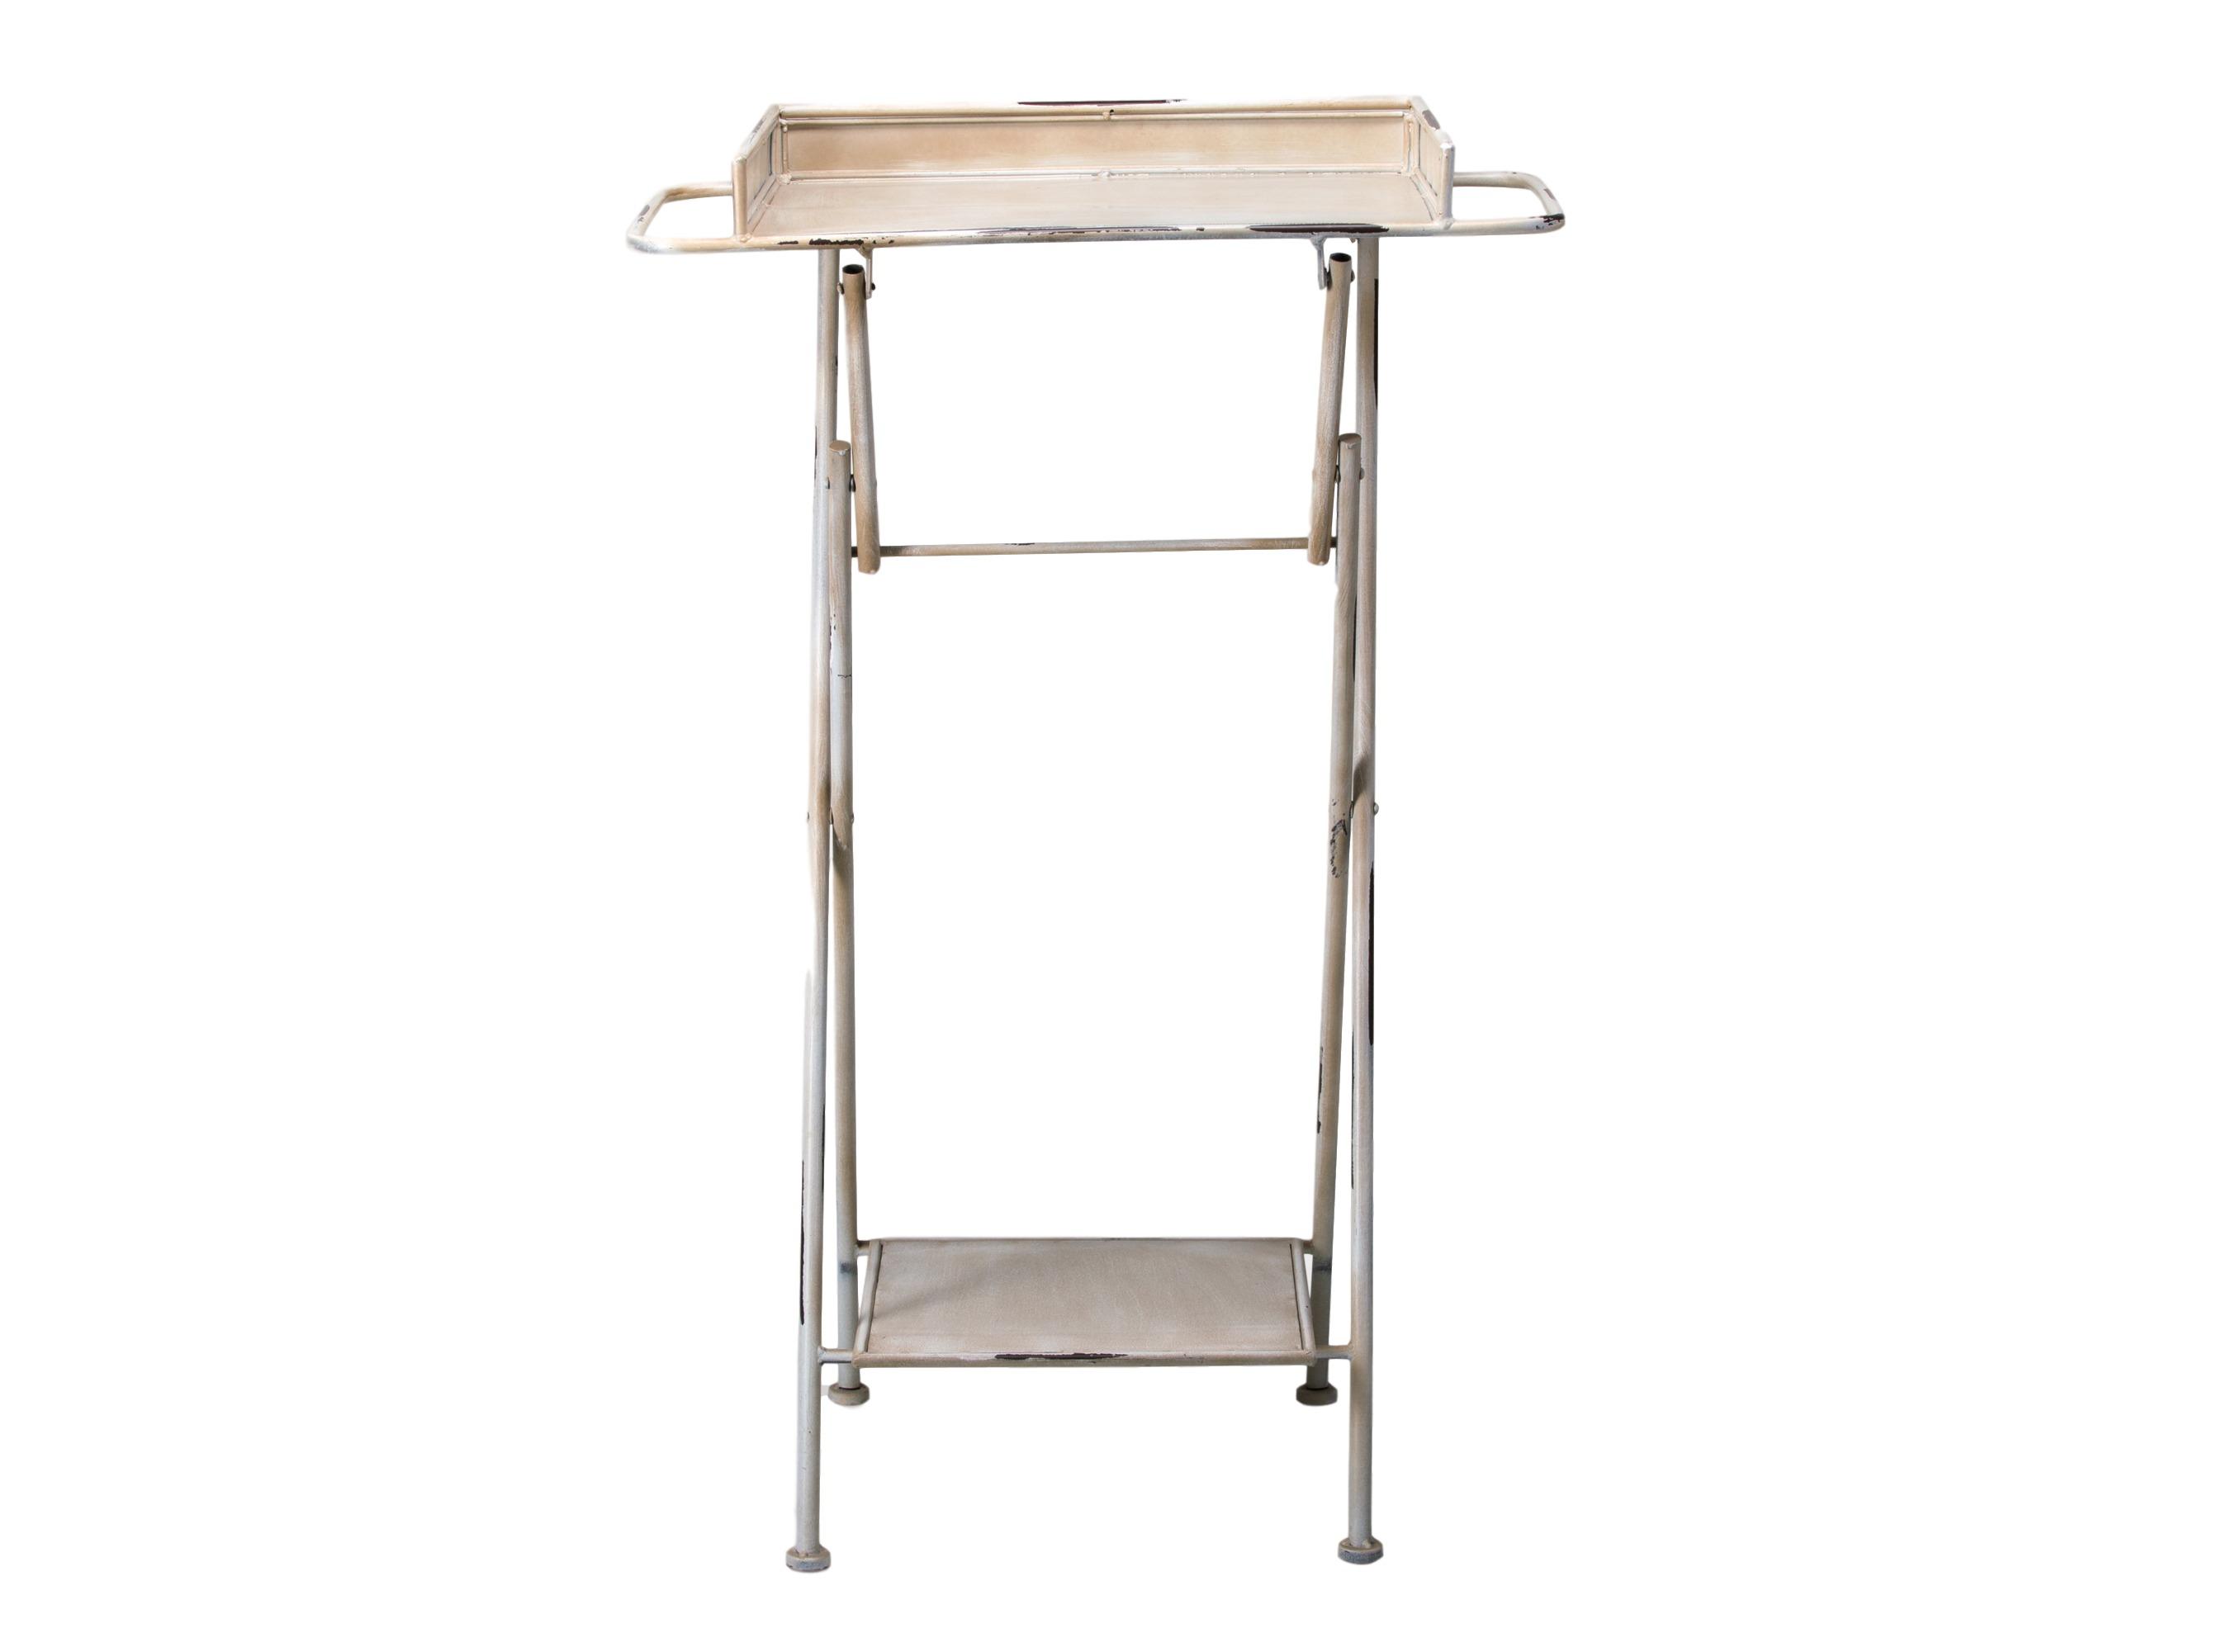 СтоликПриставные столики<br>Столик железный с бортиками, нижней полочкой и держателями по бокам.<br><br>Material: Металл<br>Length см: None<br>Width см: 66<br>Depth см: 40<br>Height см: 102